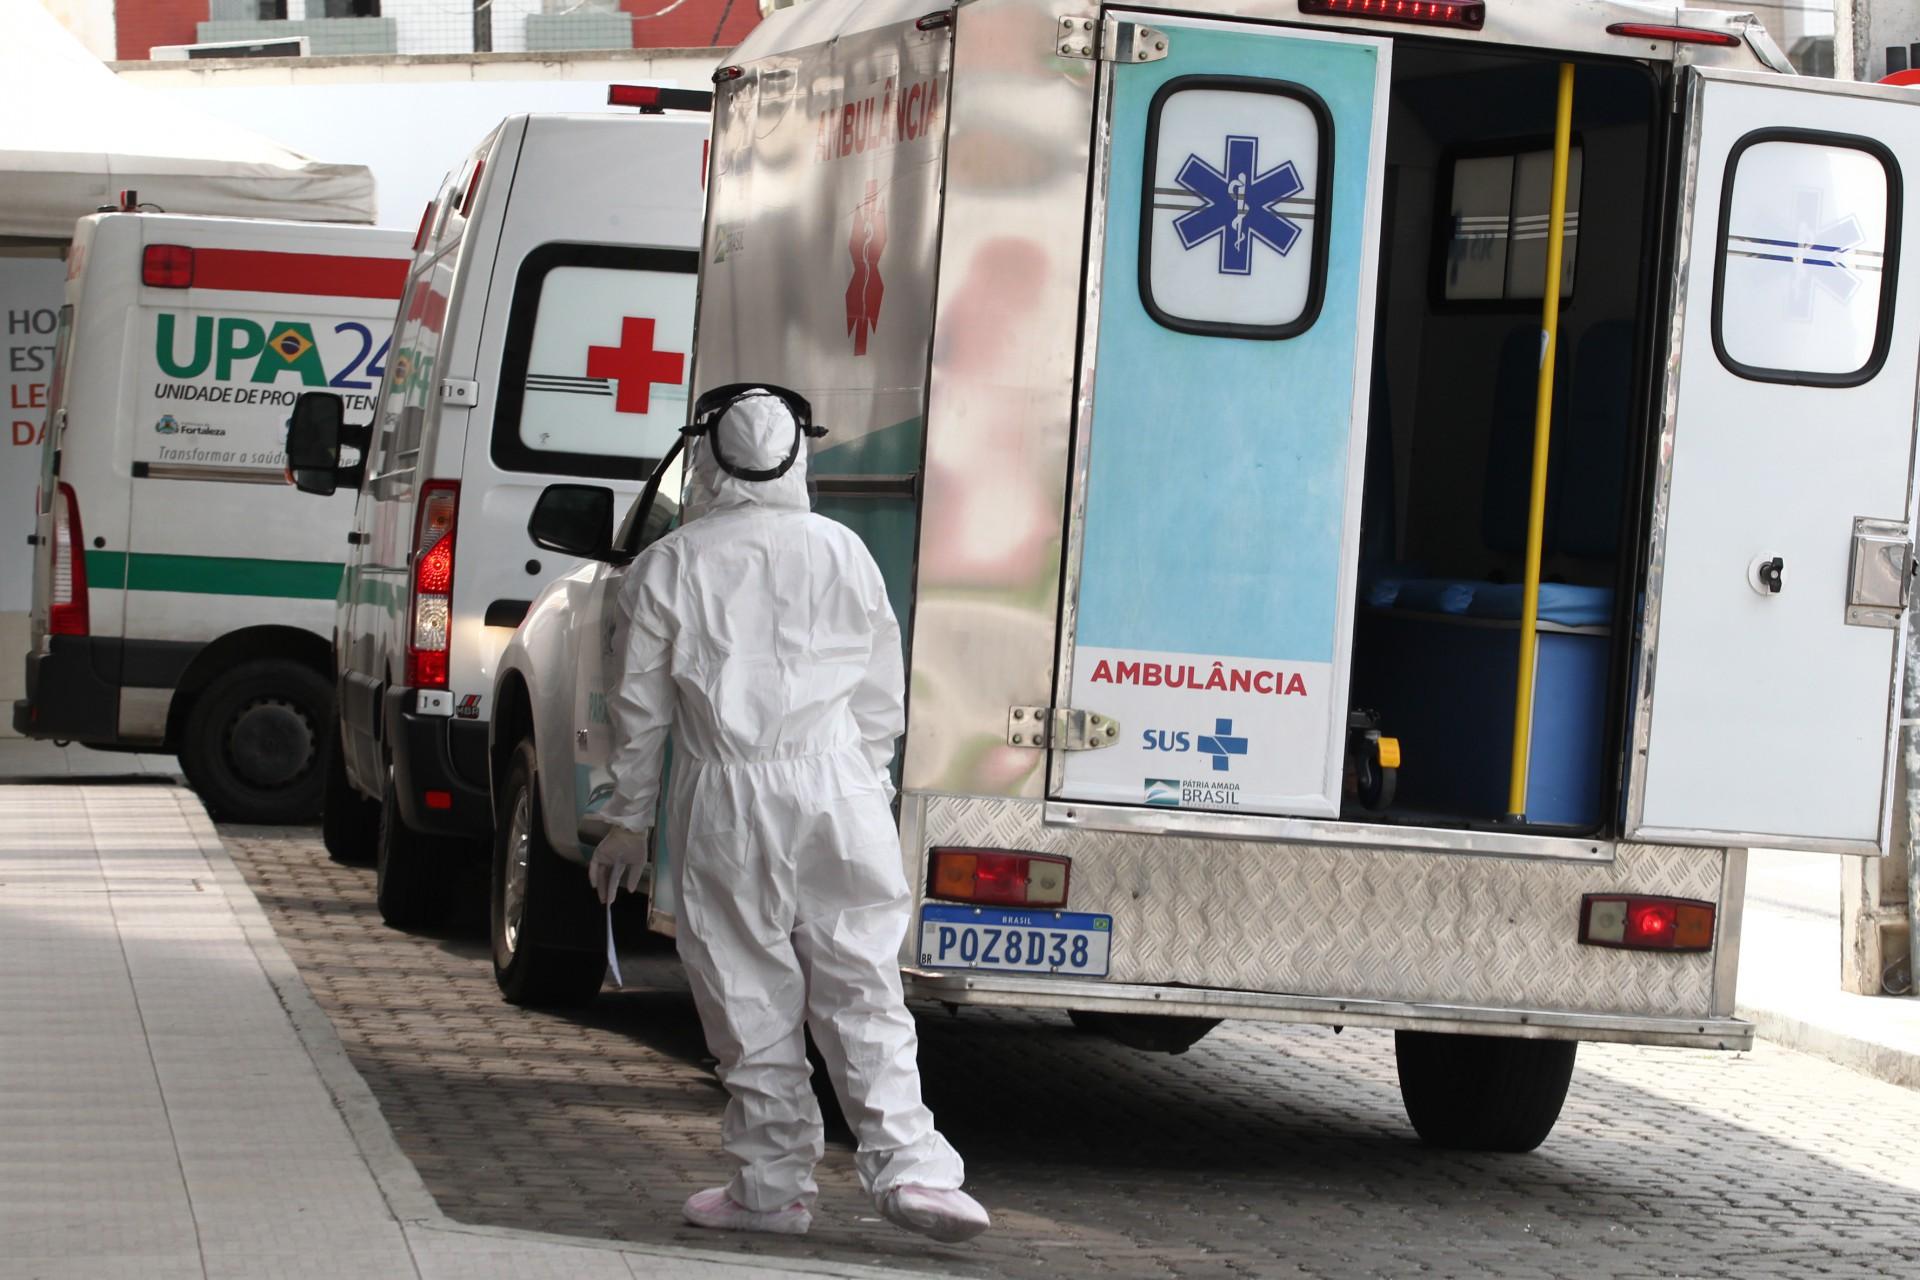 Movimentação de pacientes no hospital Leonardo da Vinci, na Aldeota. Casos de Covid-19 crescem puxados por jovens